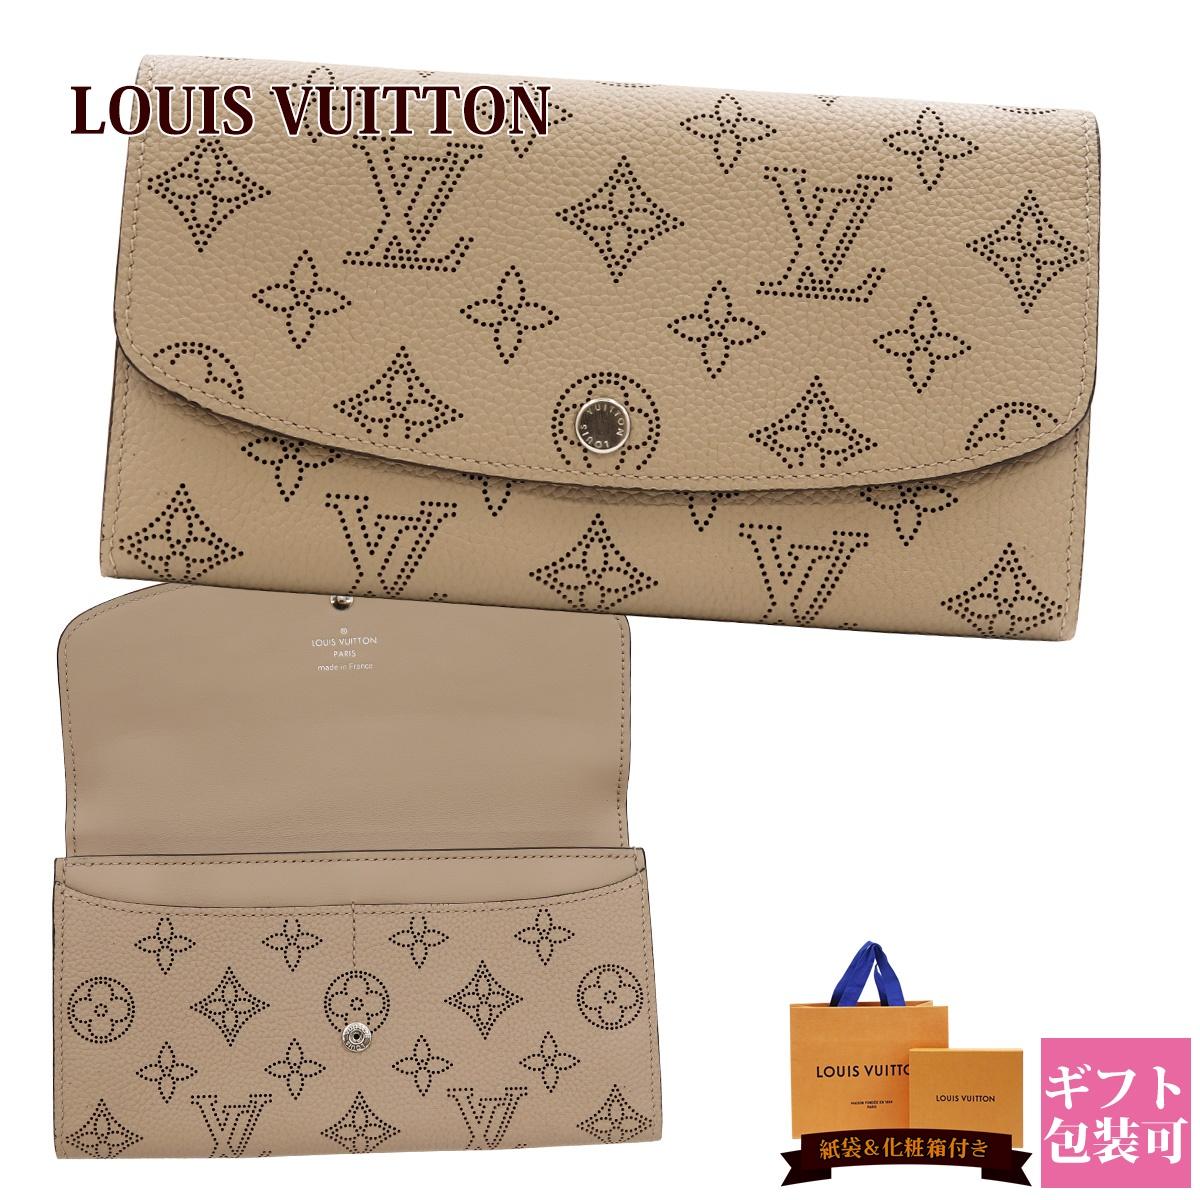 ルイヴィトン 財布 長財布 新品 レディース 二つ折り ポルトフォイユ・イリス 正規品 LOUISVUITTON M60144 ホワイトデー ギフト 春財布